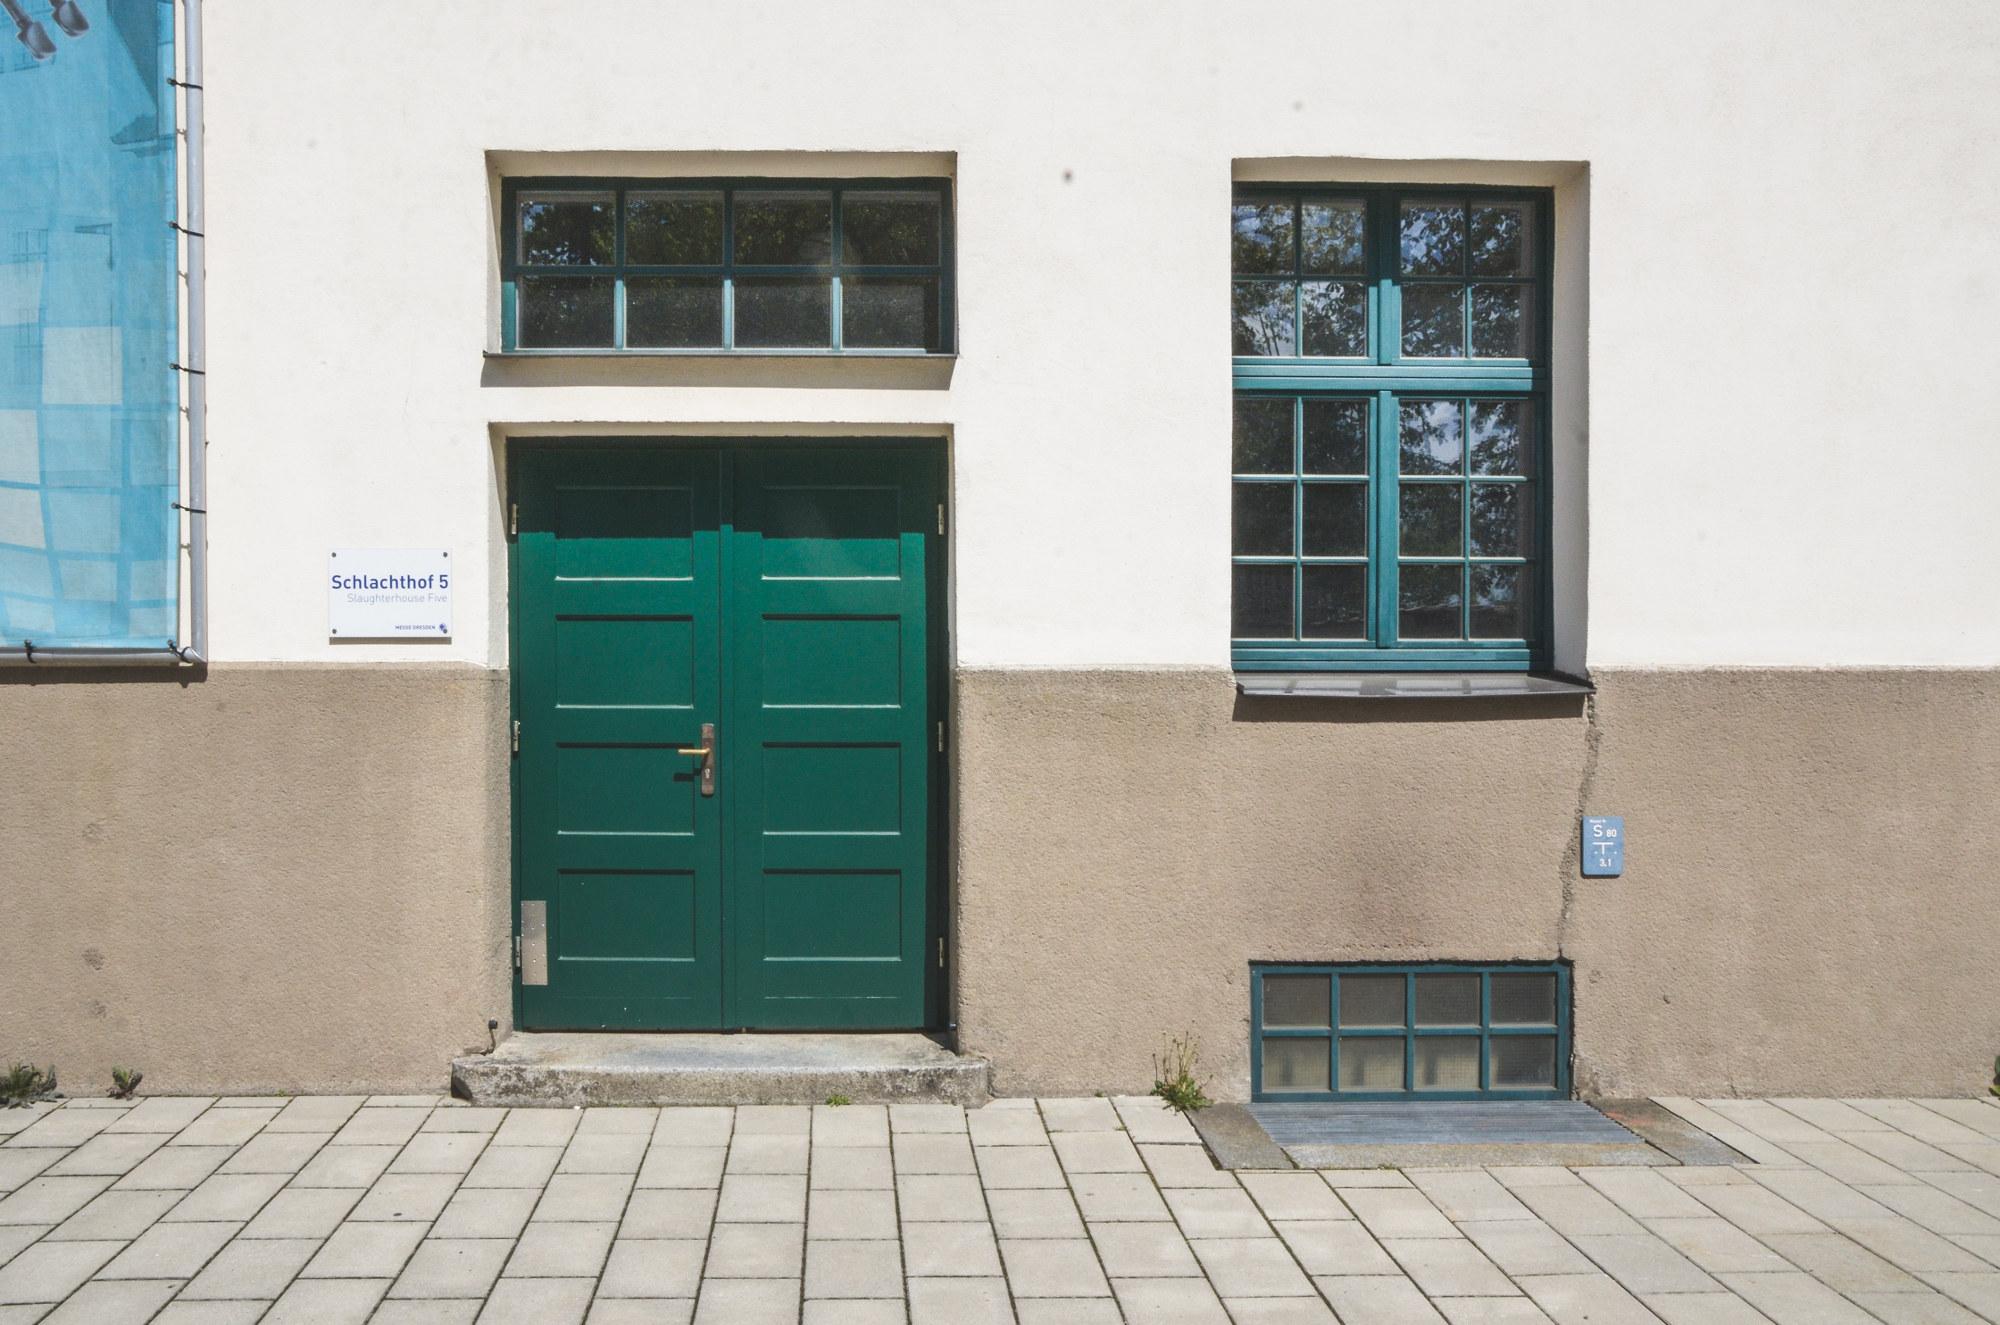 La porta d'ingresso al Mattatoio n.5